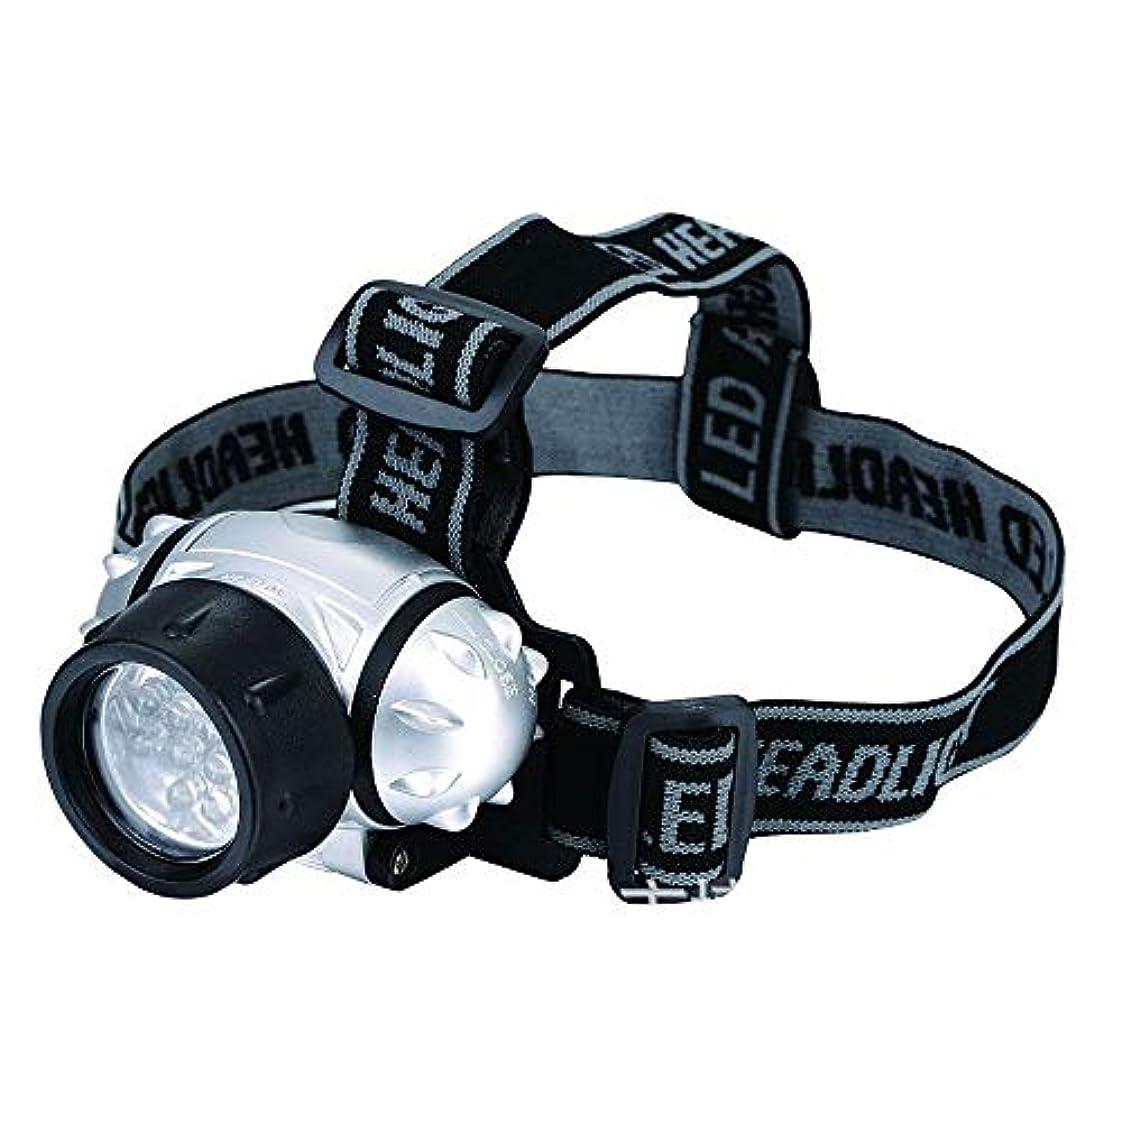 きょうだい露骨なスピーチ7 LEDヘッドトーチ、キャンプランニングハイキングや読書のための電池式ヘッドランプ、4明るさモード屋外ヘッドトーチ